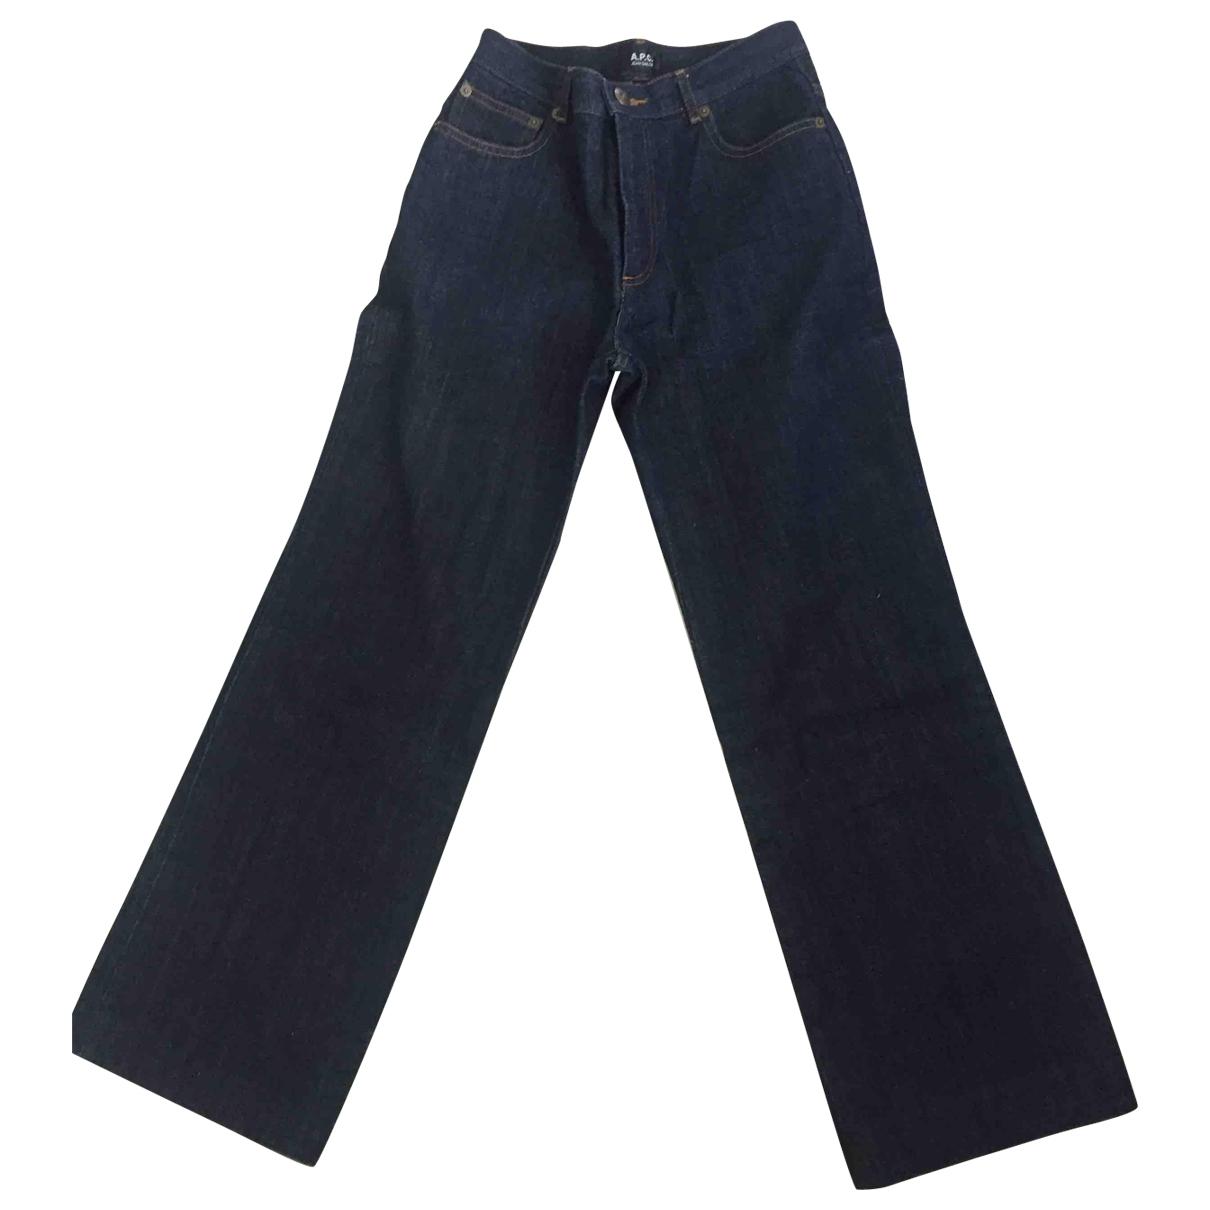 Apc Jean Sailor Blue Cotton Jeans for Women 25 US